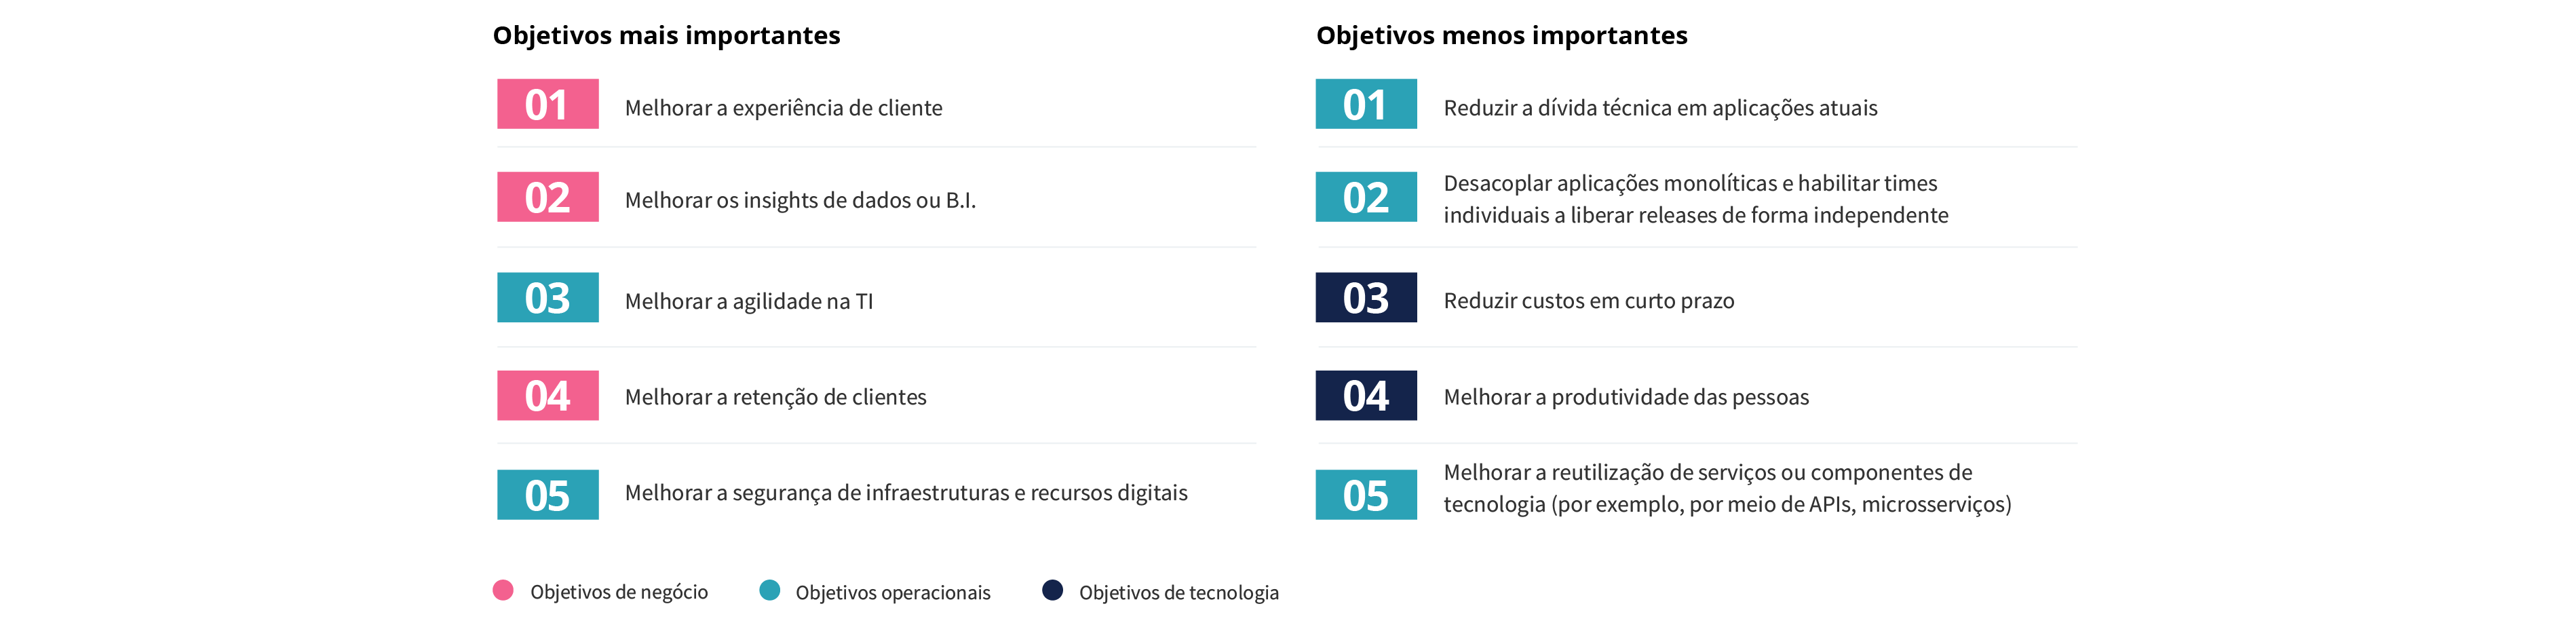 Prioridades de modernização para as empresas